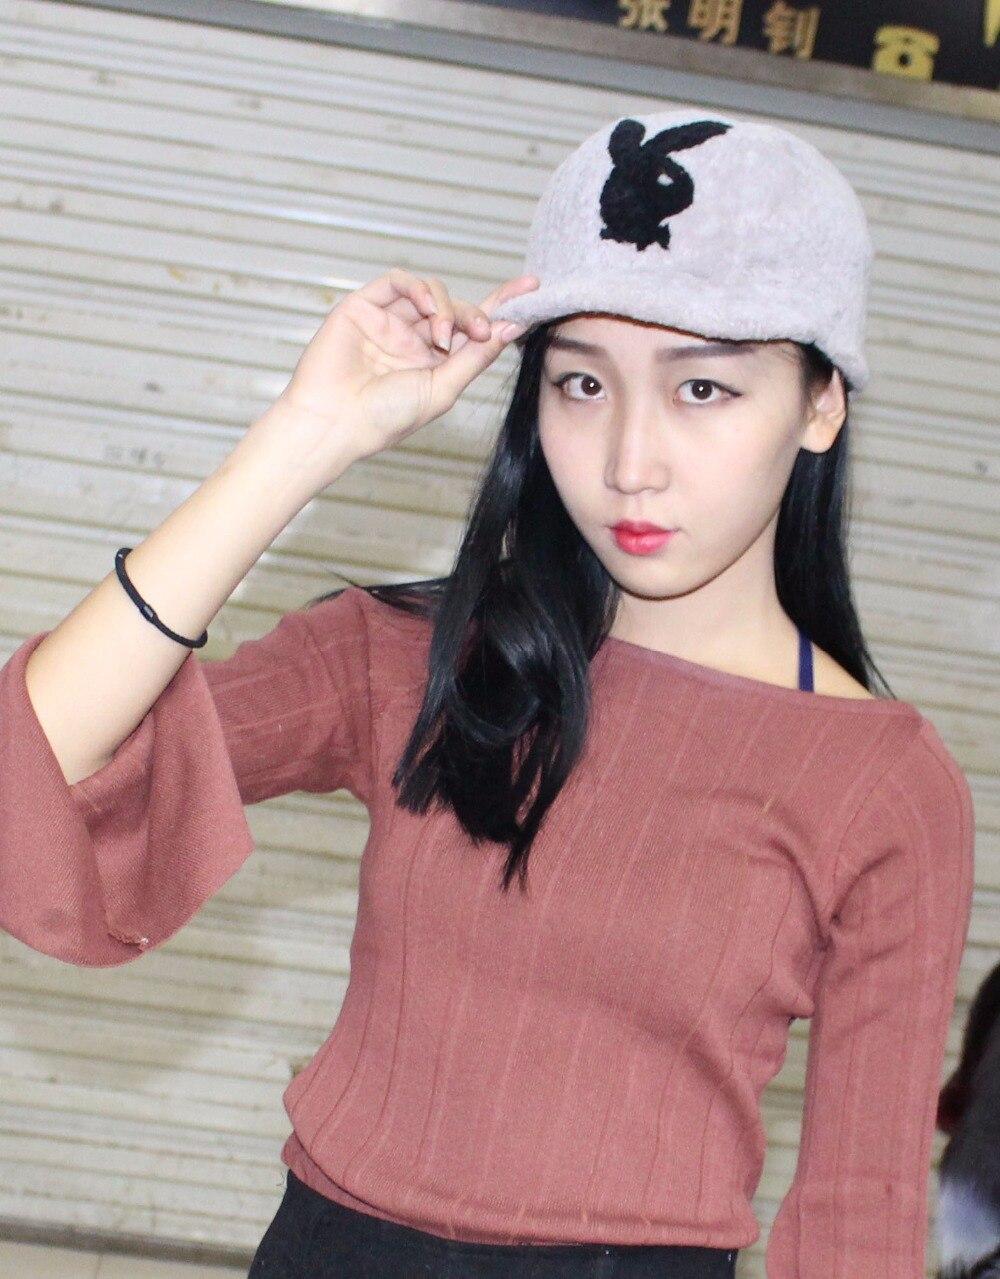 HHZWFUR Natural rabbit hat fashion warm free shipping